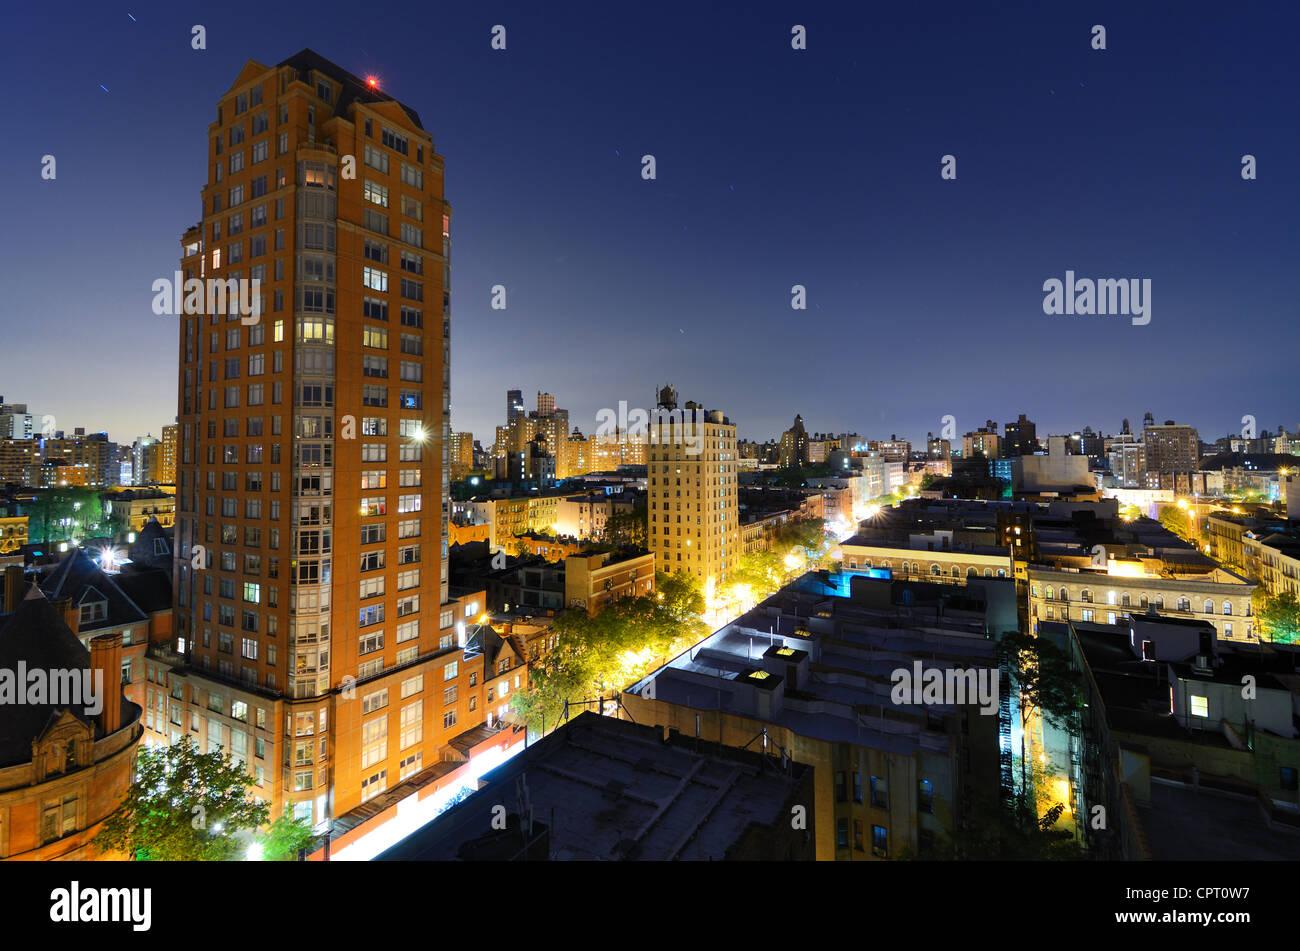 Skyline von Wohngebäuden in der Upper West Side von Manhattan in der Nacht Stockbild